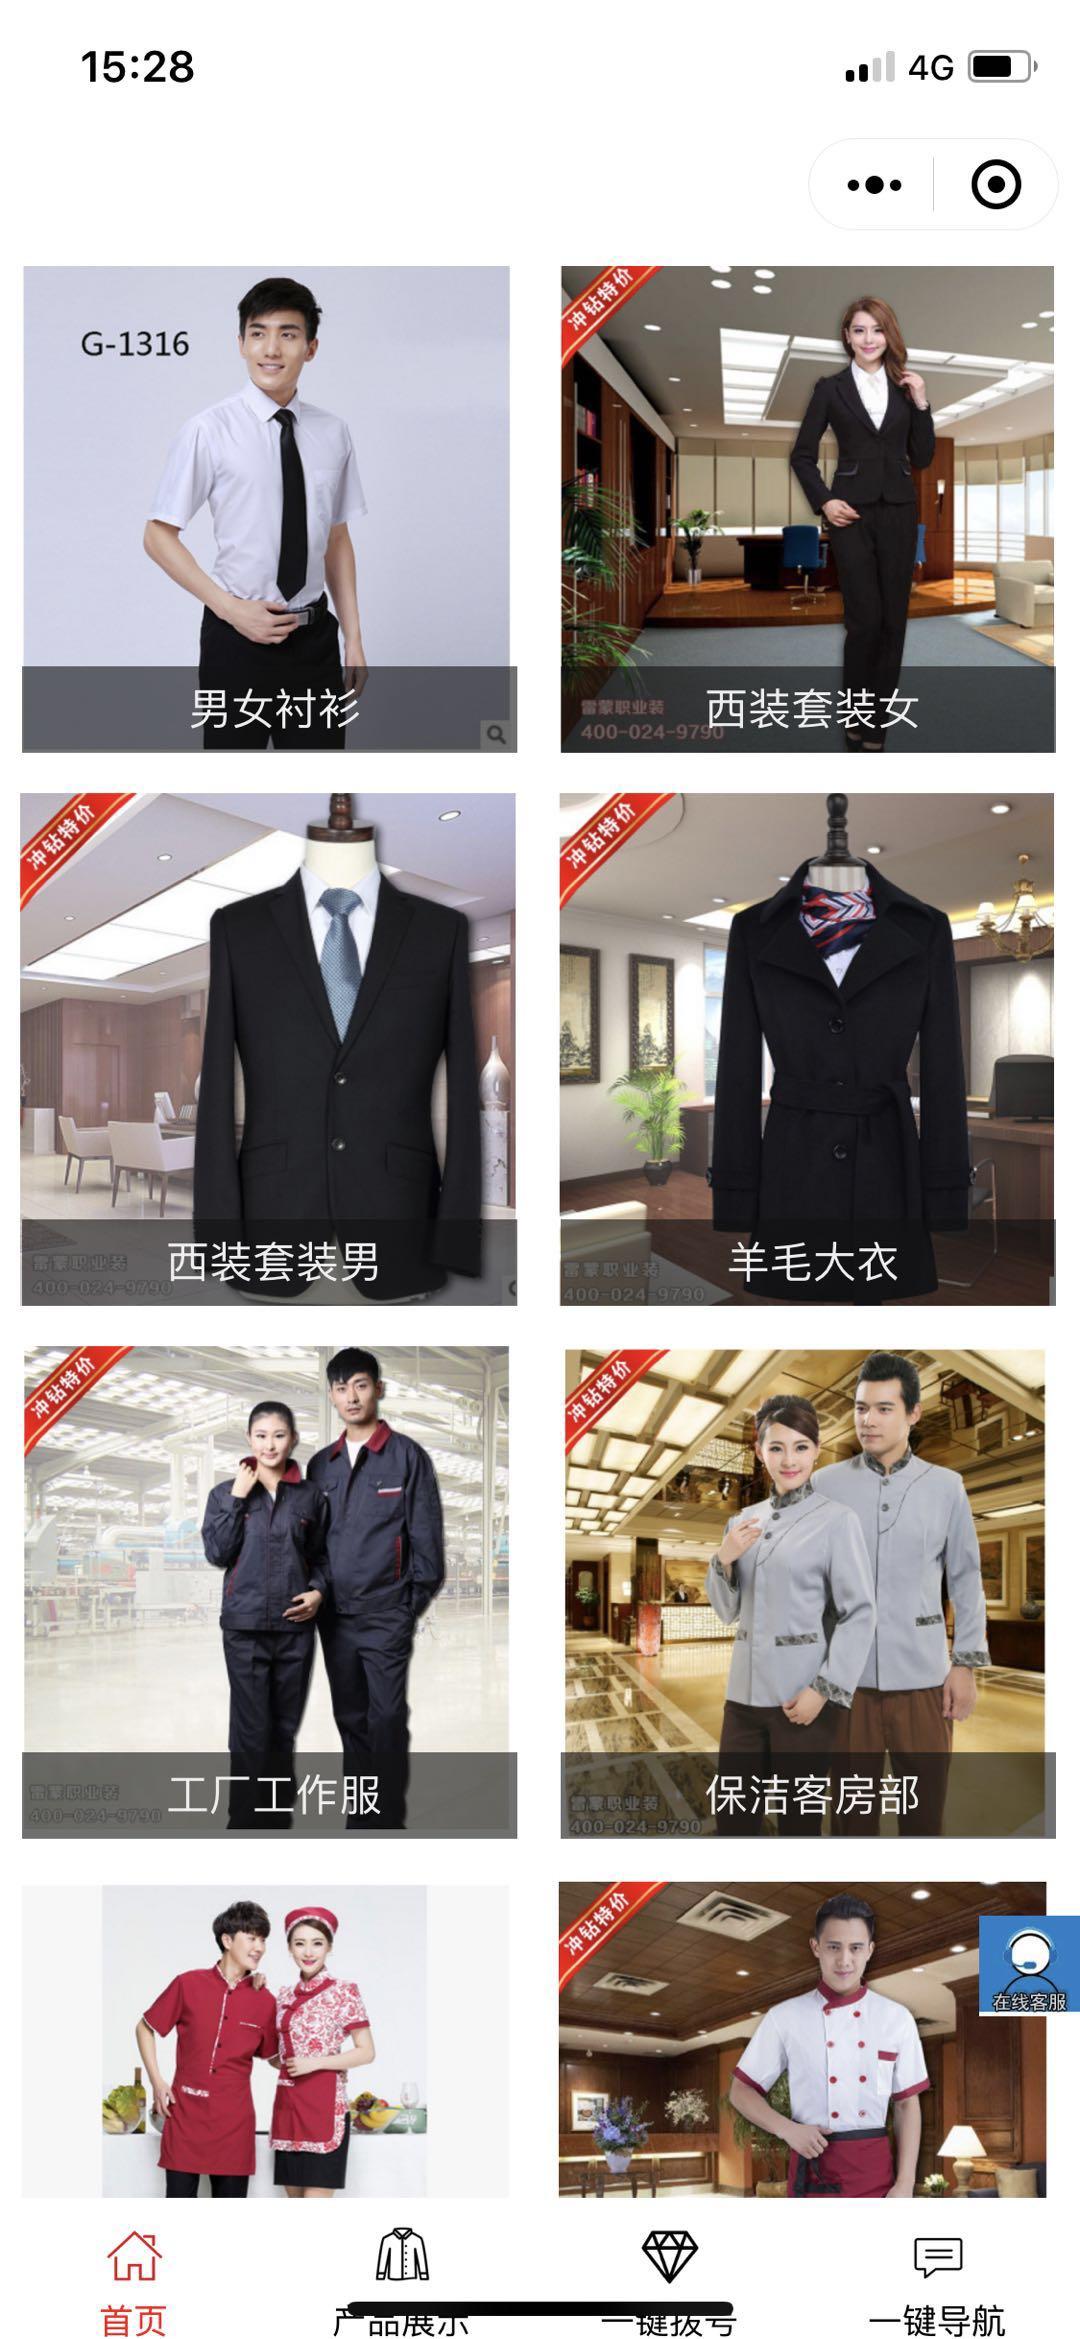 服装类小程序